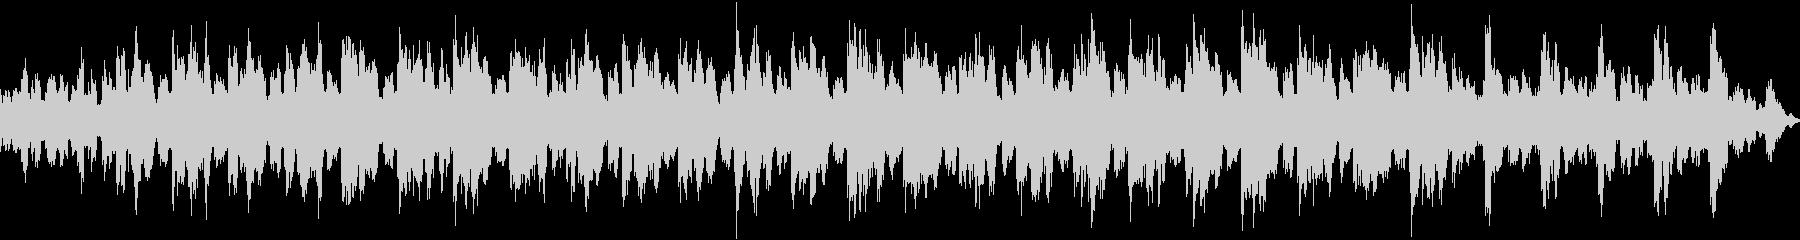 1音色のシンプルなポップスの未再生の波形